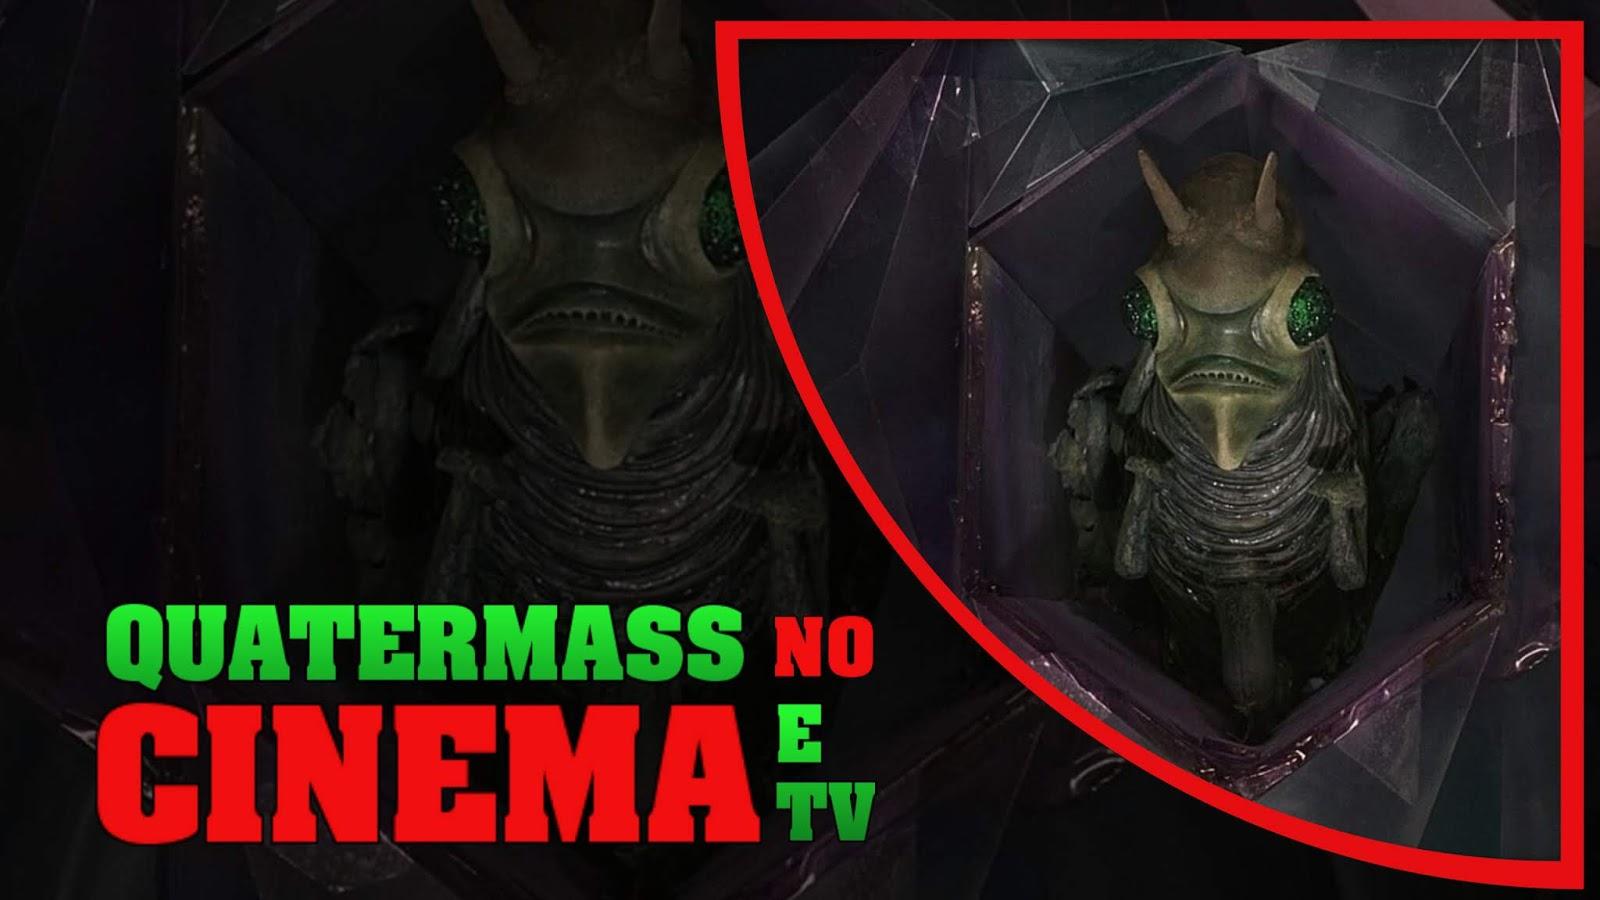 quatermass-no-cinema-tv